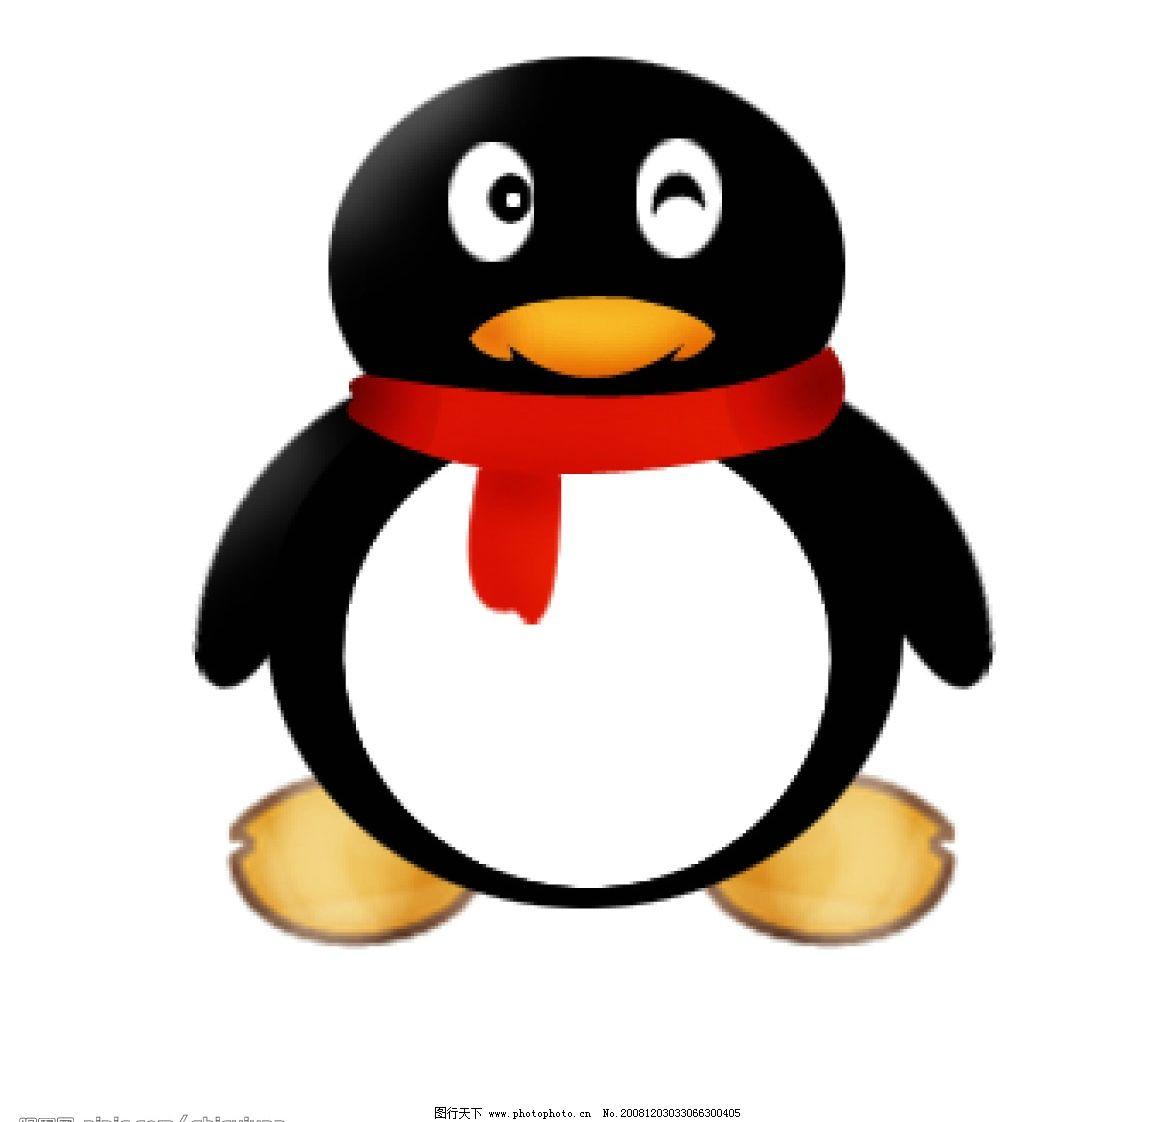 企鹅 手绘企鹅 动漫动画 动漫人物 源文件库 72dpi psd